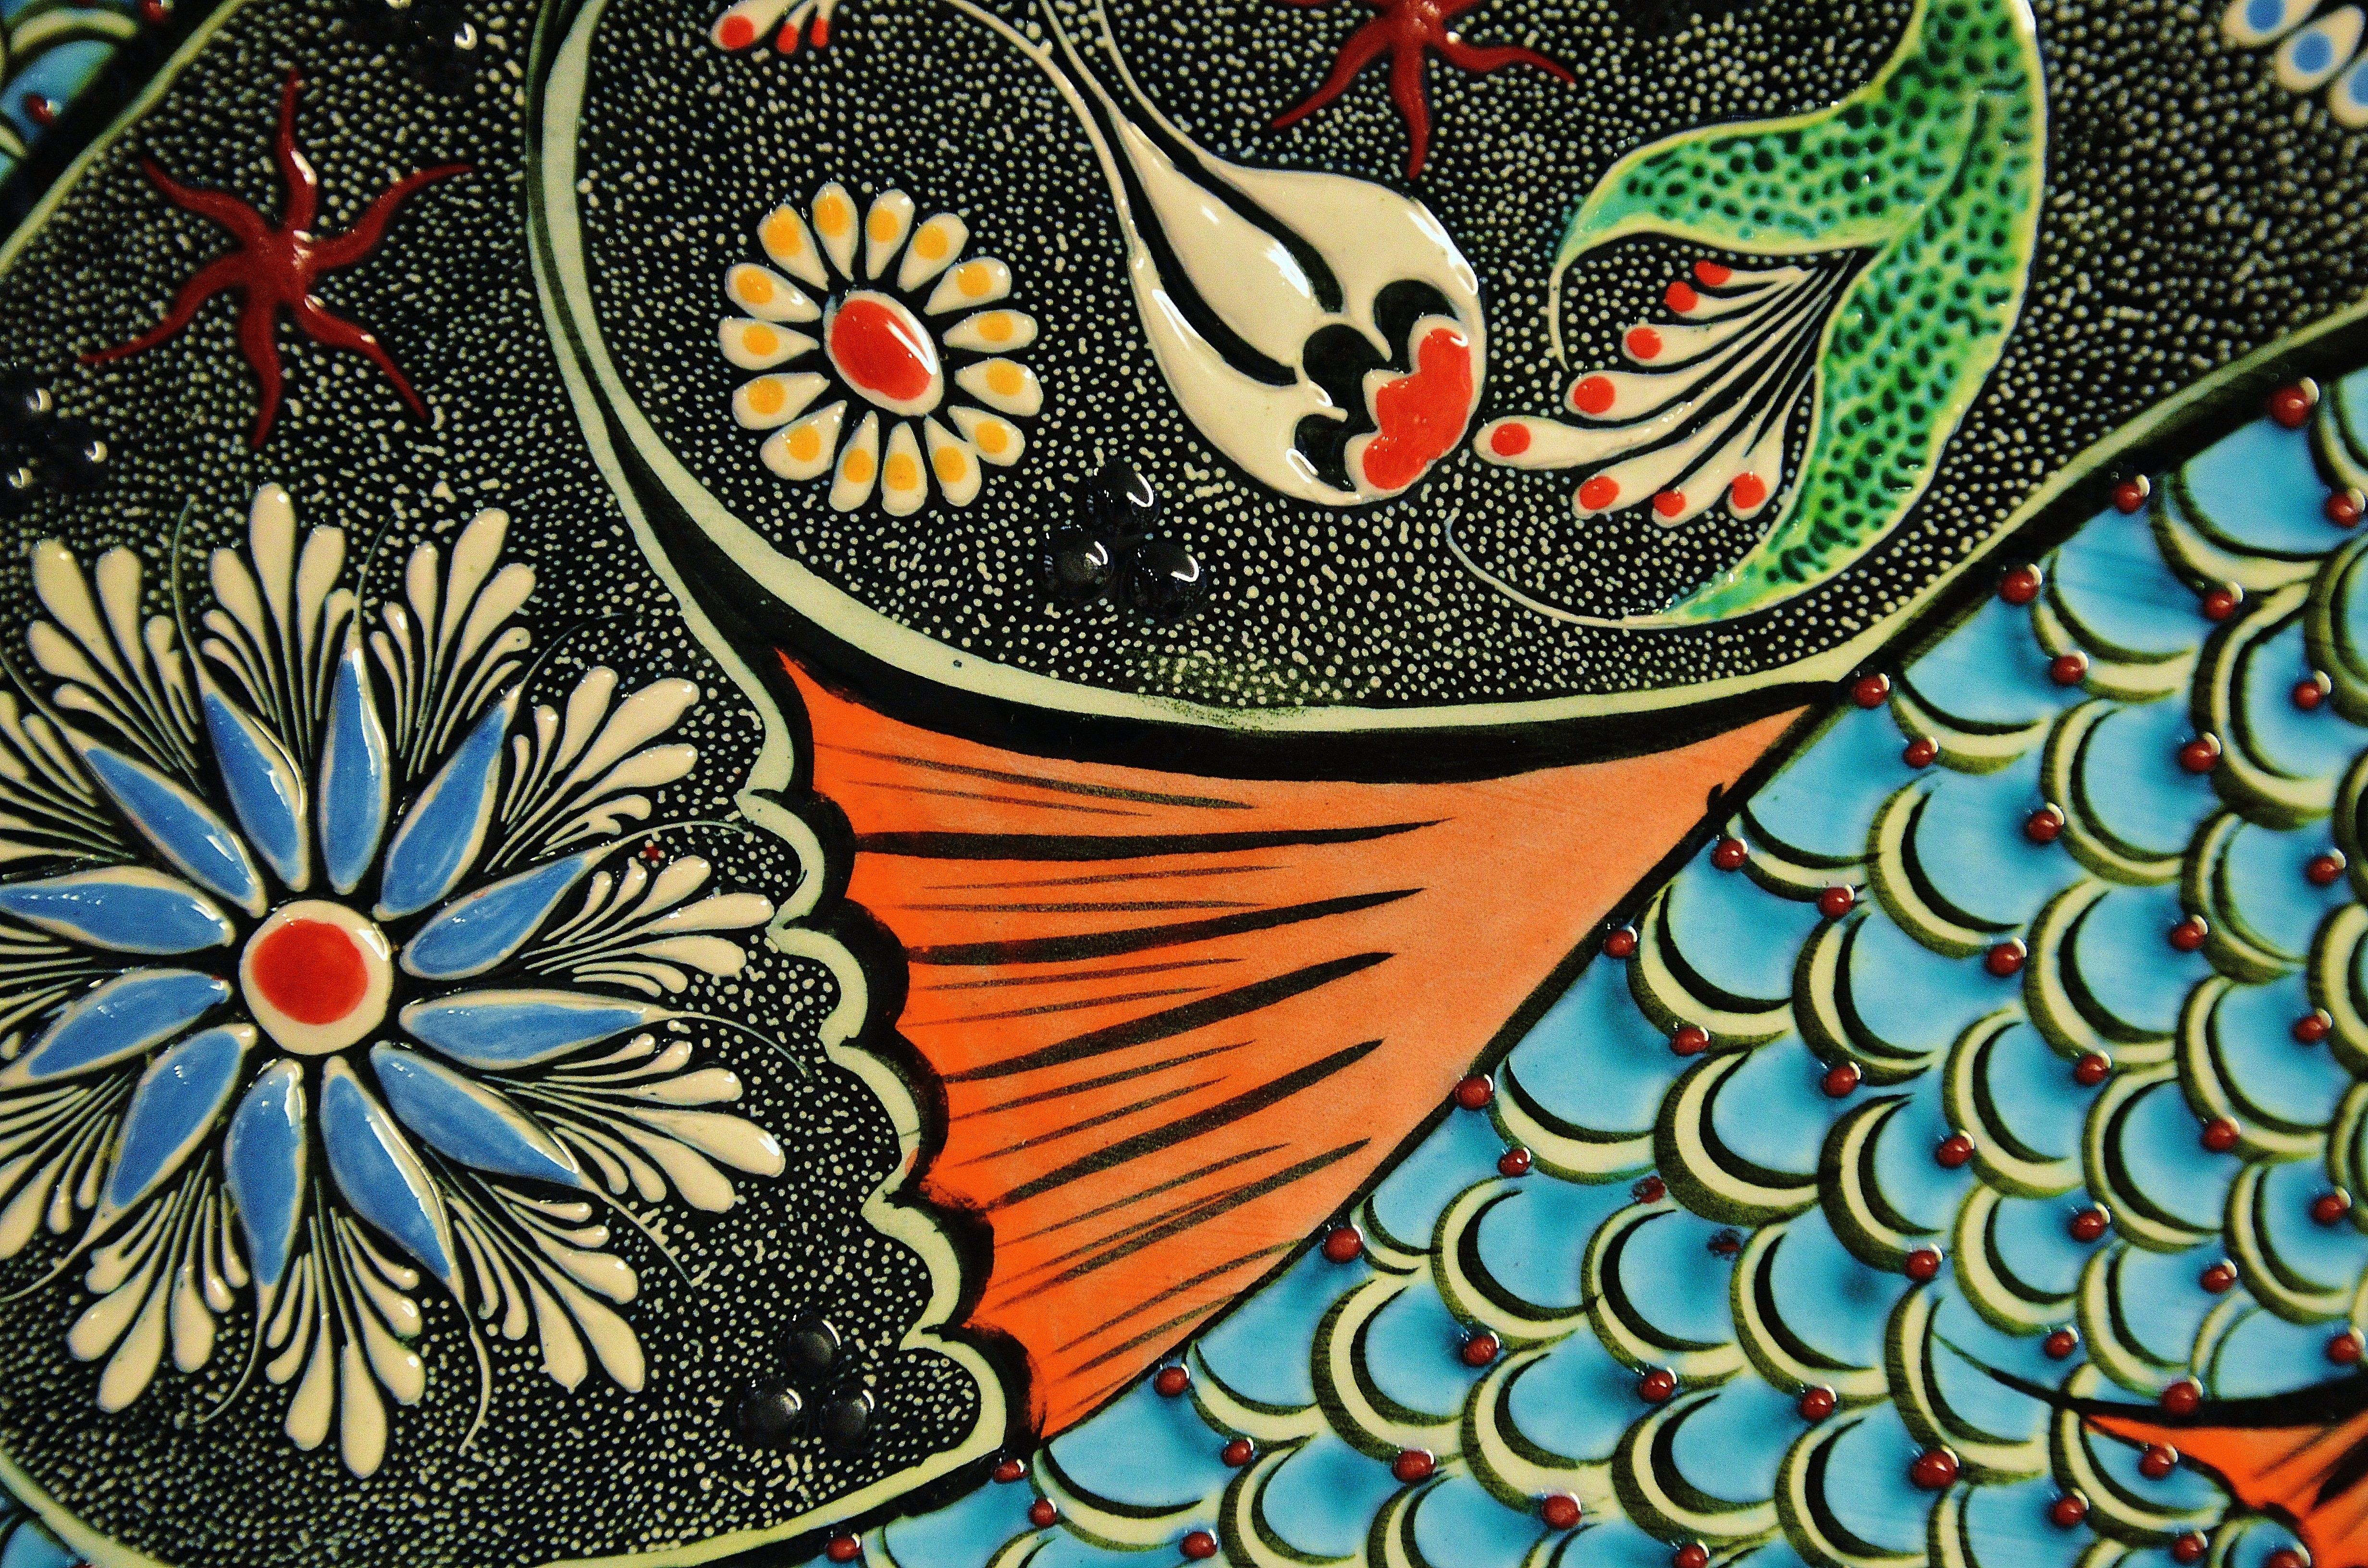 72 Gambar Ilustrasi Dan Gambar Dekoratif Gambarilus